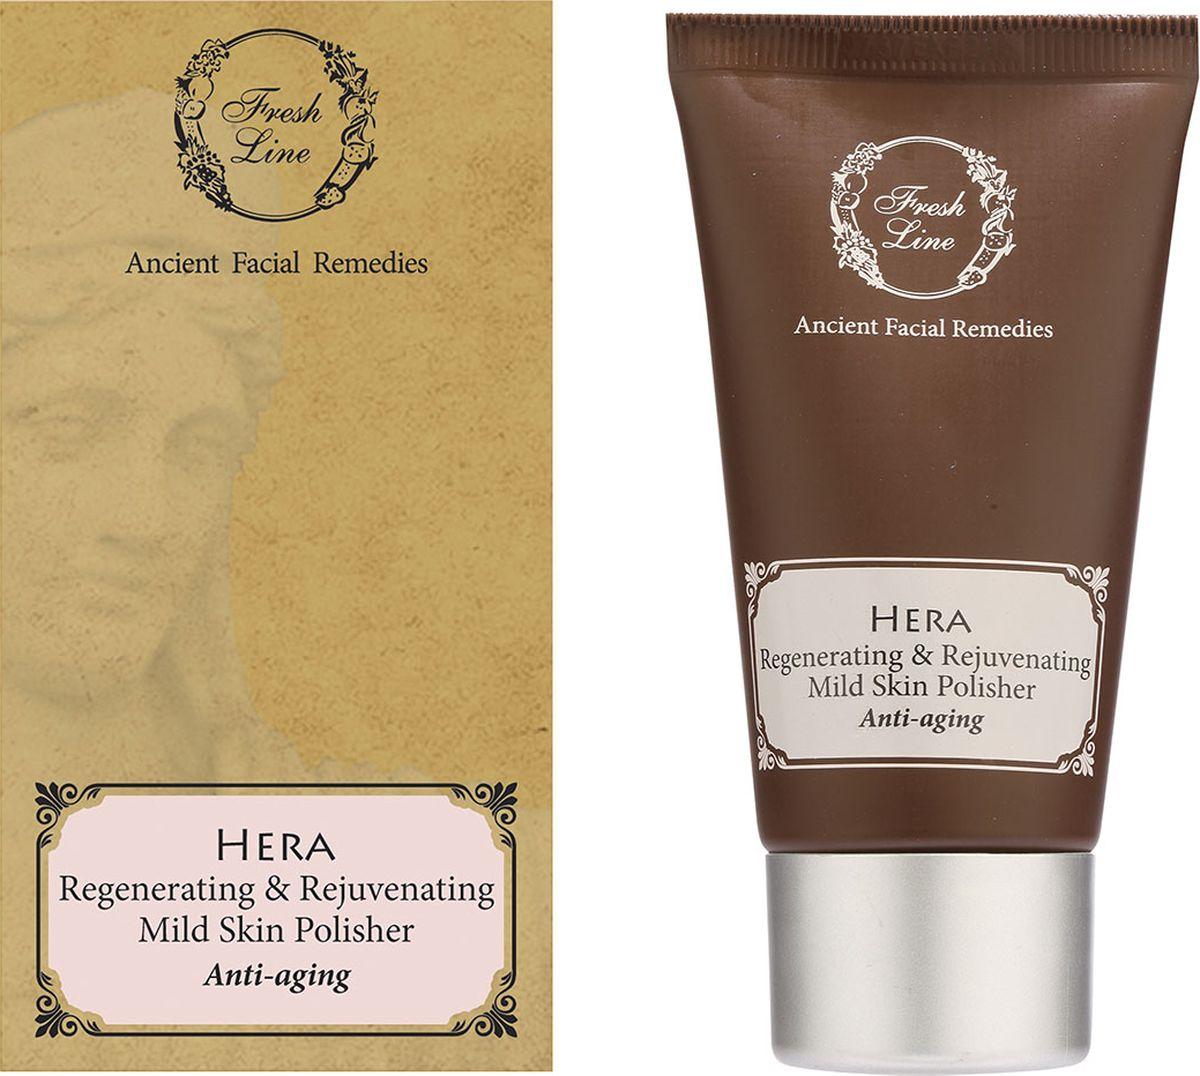 Fresh Line Скраб мягкий для лица Гера, 75 мл910917Деликатно удаляет омертвевшие клетки с поверхности кожи, не нарушая естественный уровень увлажненности. Создан на основе пудры виноградных косточек и мягких фруктовых кислот, которые сочетают в себе антиоксидантные и отшелушивающие свойства. Рекомендуется для деликатной и зрелой кожи, также идеально подойдет всем, кому требуется мягкое отшелушивание.